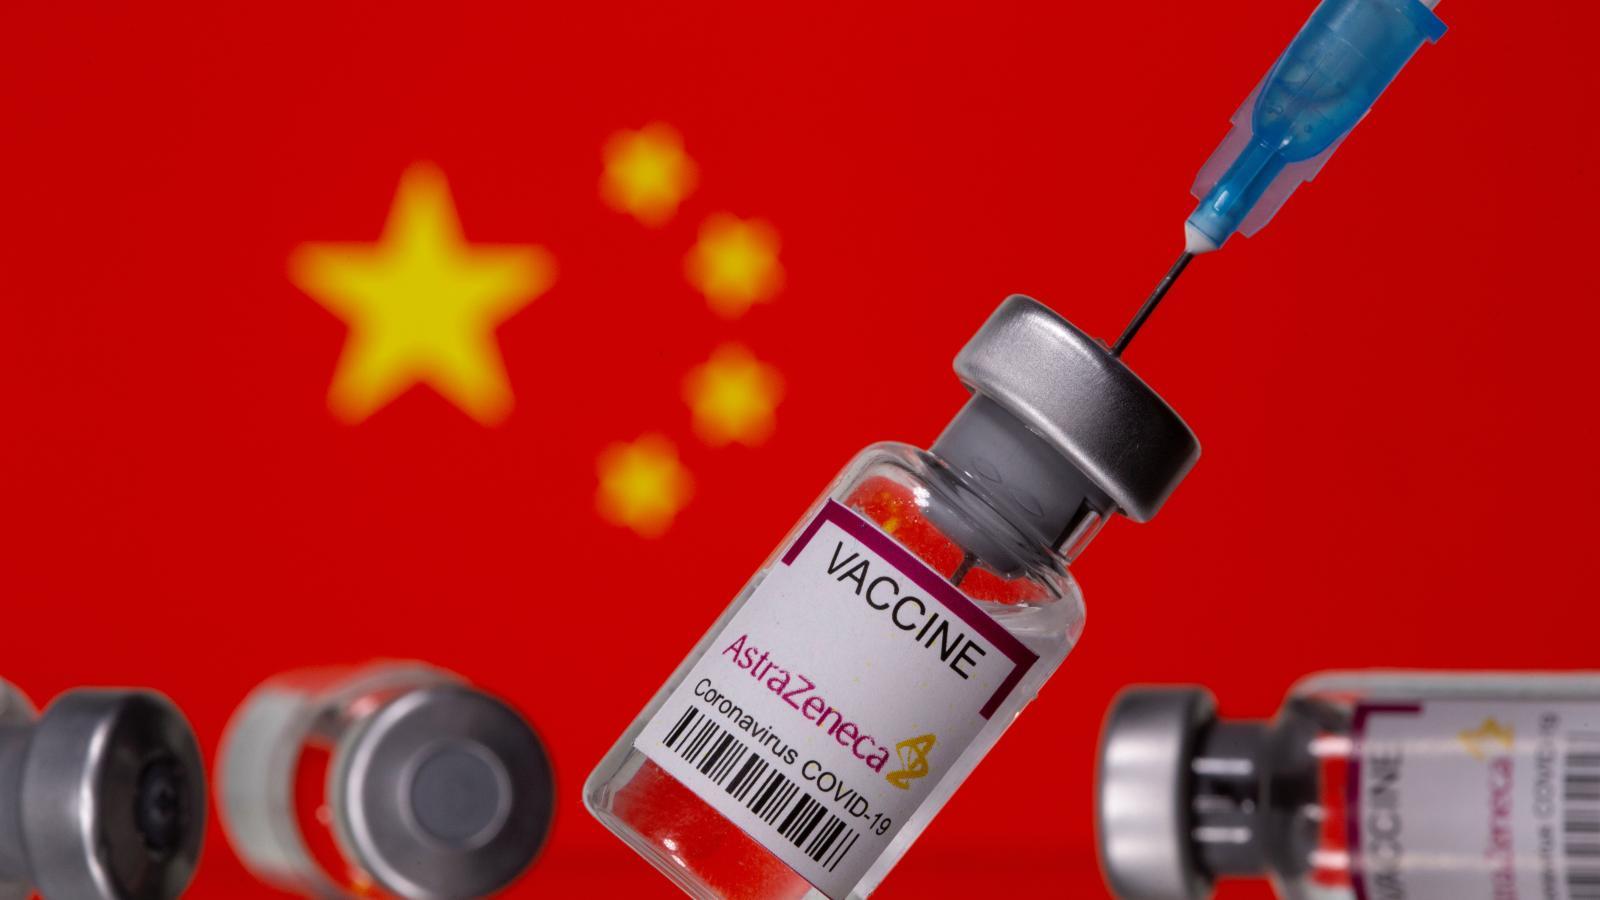 မြန်မာကိုရောက်ရှိလာတဲ့ တရုတ်နိုင်ငံထုတ် ကိုဗစ်ကာကွယ်ဆေးတွေအကြောင်း သိပြီးပြီလား